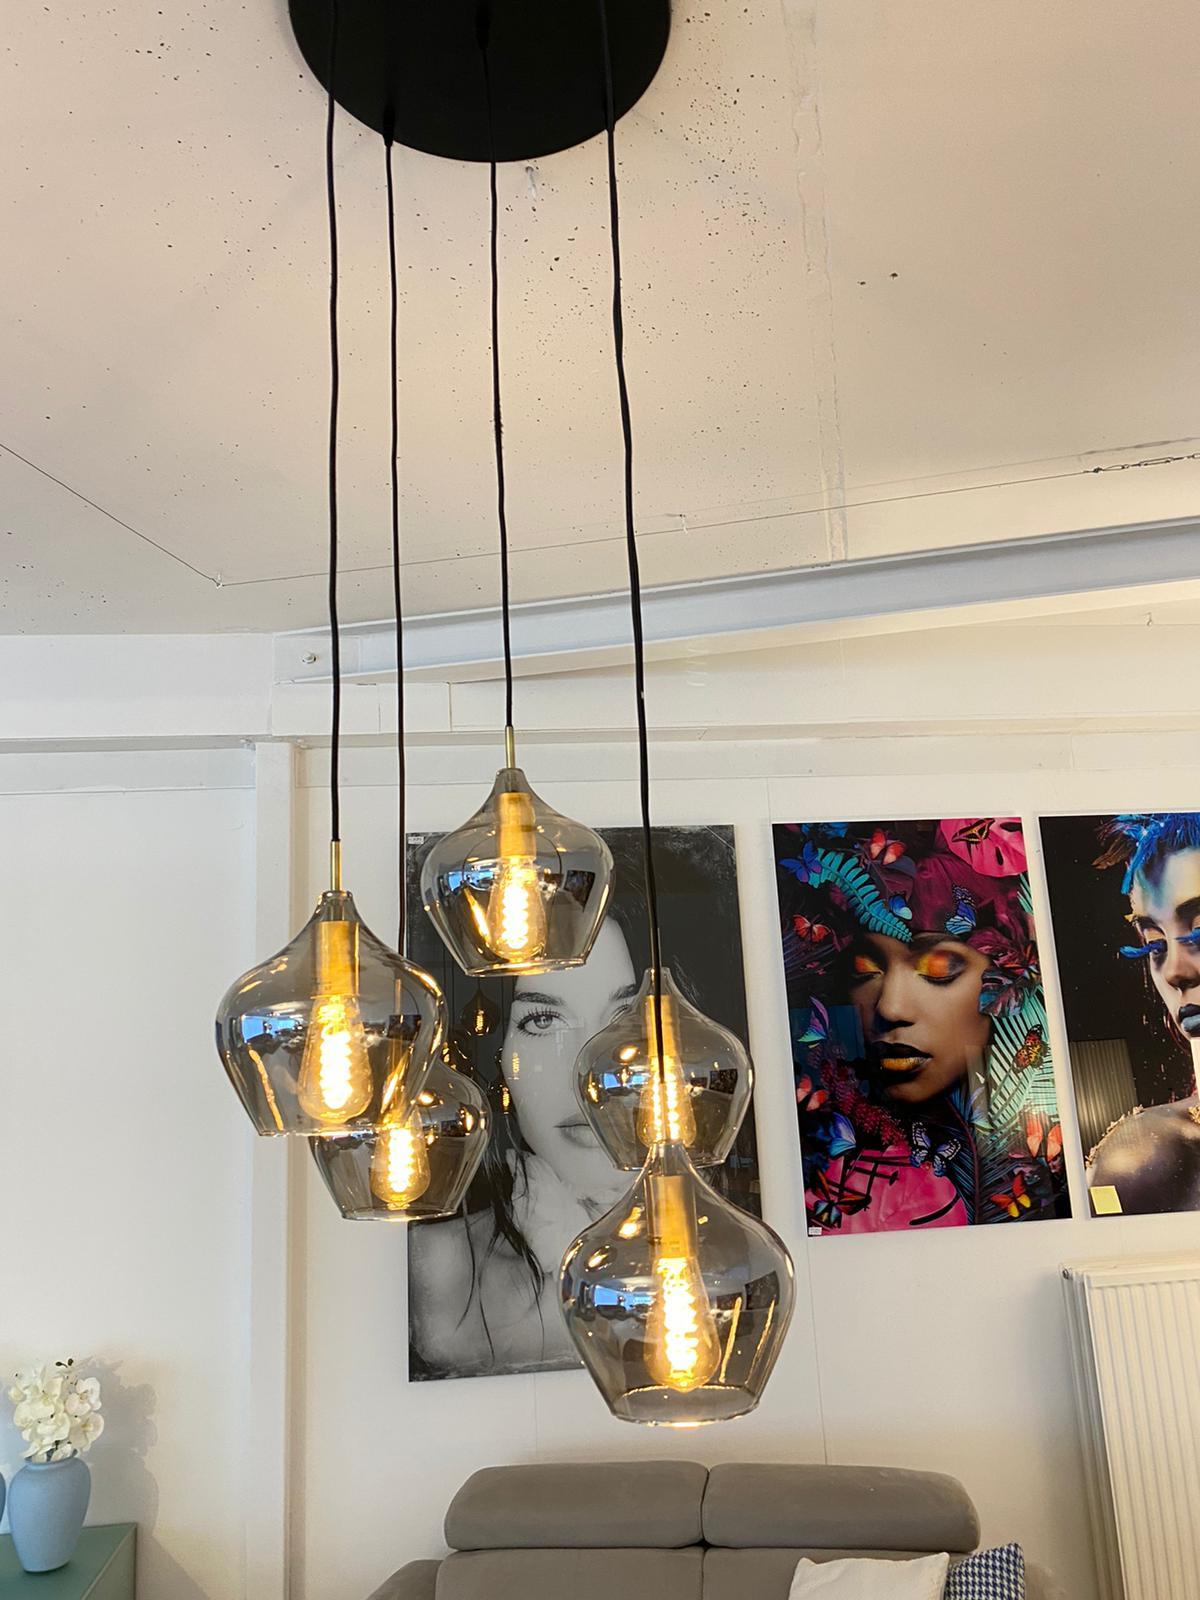 159. Lamp